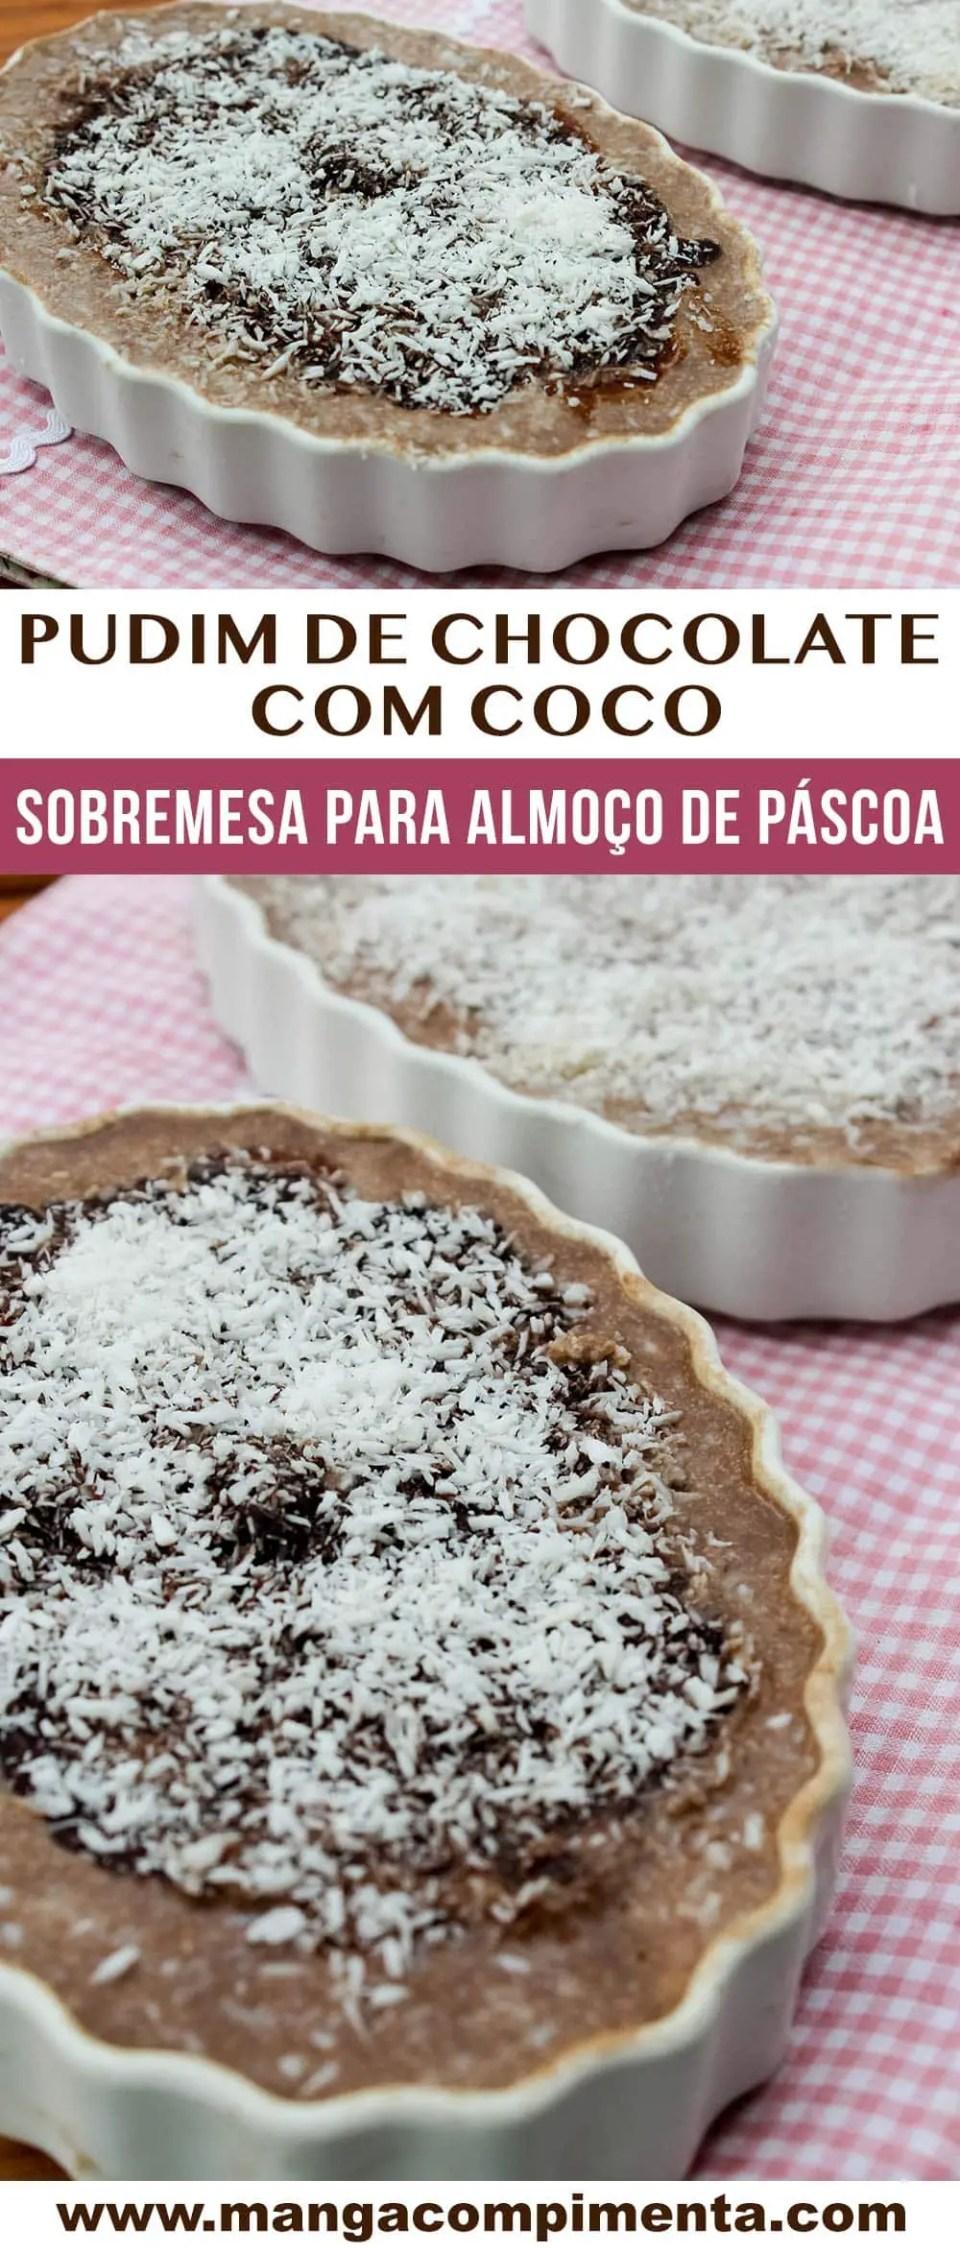 Pudim de Chocolate com Coco - Receita Especial para a Páscoa!